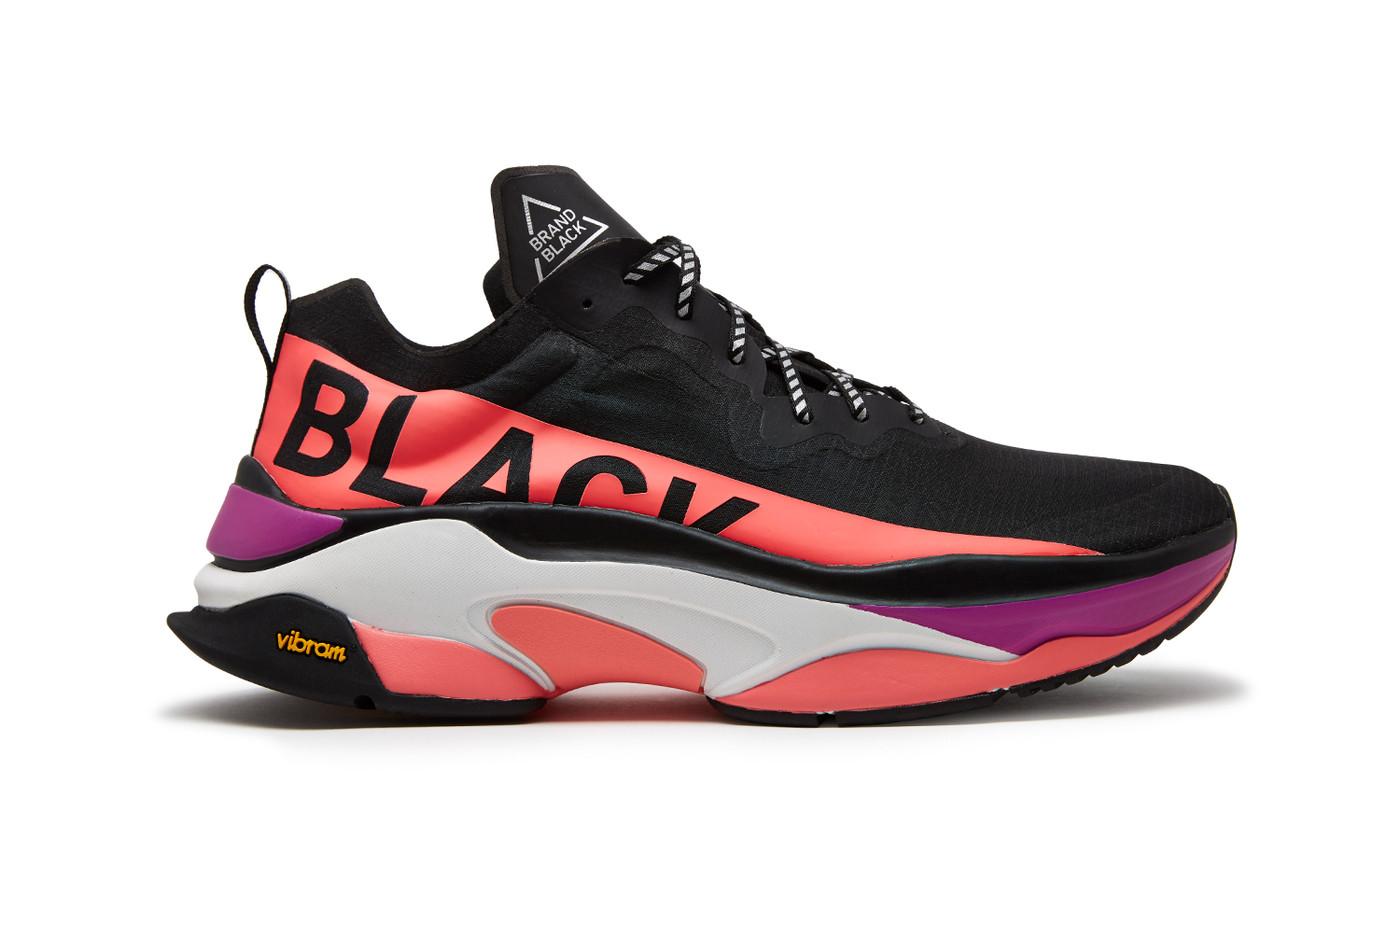 4158336f9a0c6 EffortlesslyFly.com - Online Footwear Platform for the Culture ...